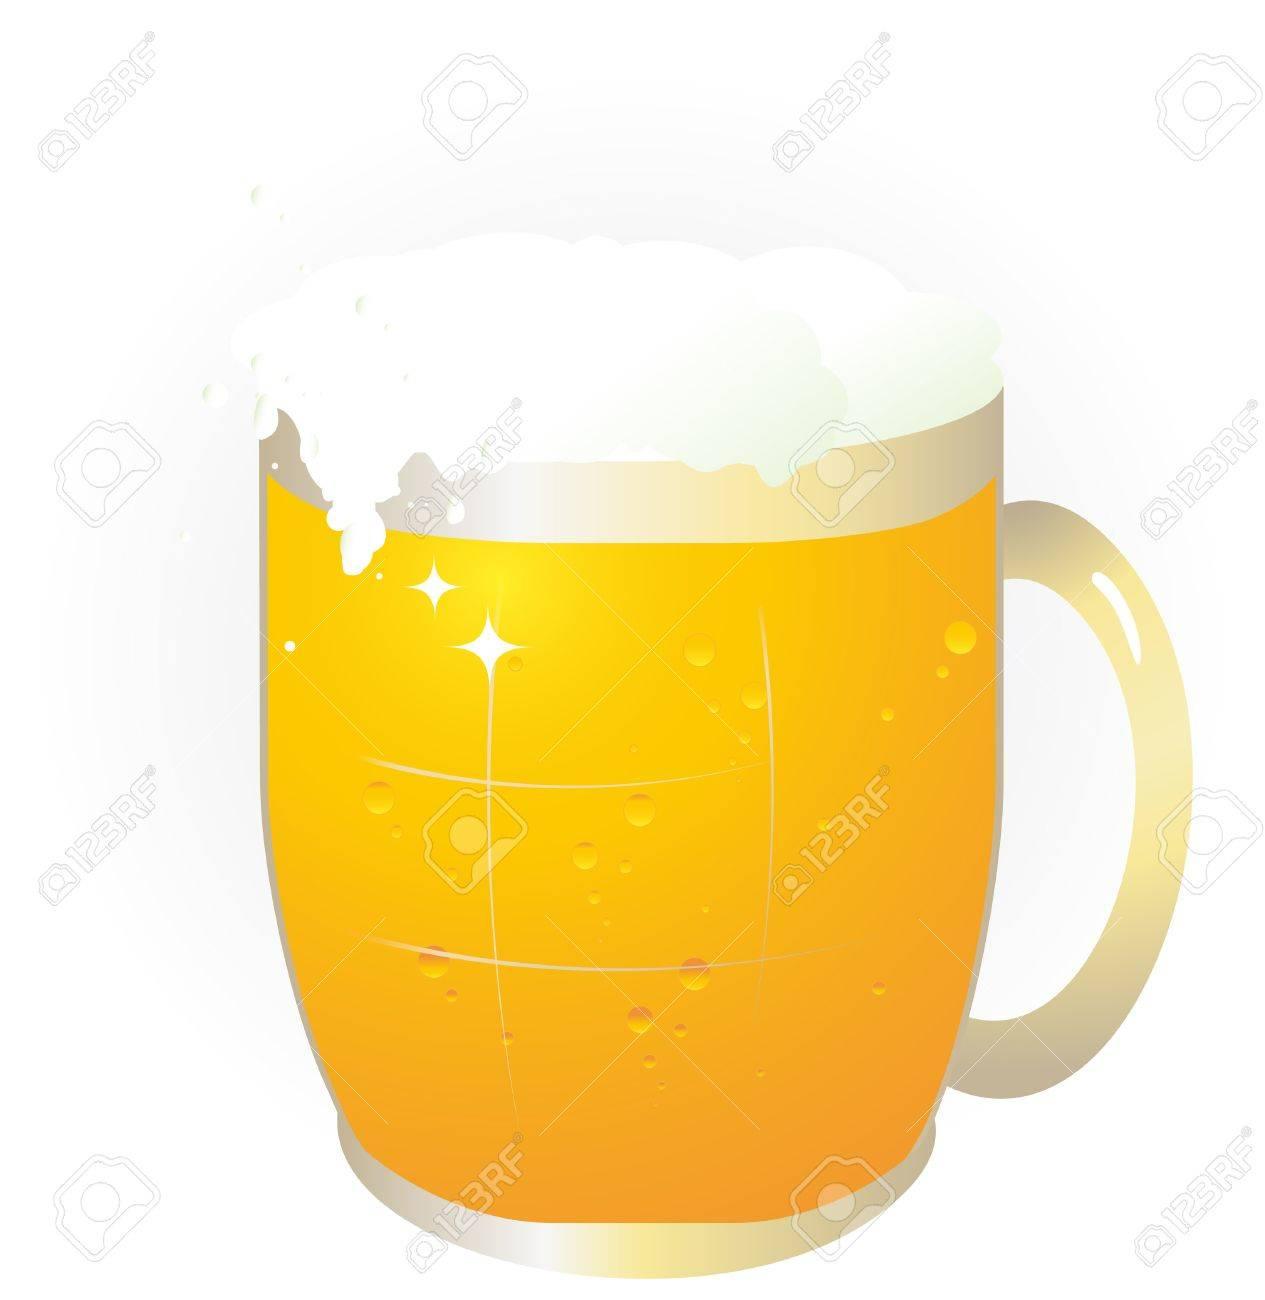 白地にかわいいビール ジョッキのイラスト素材 ベクタ Image